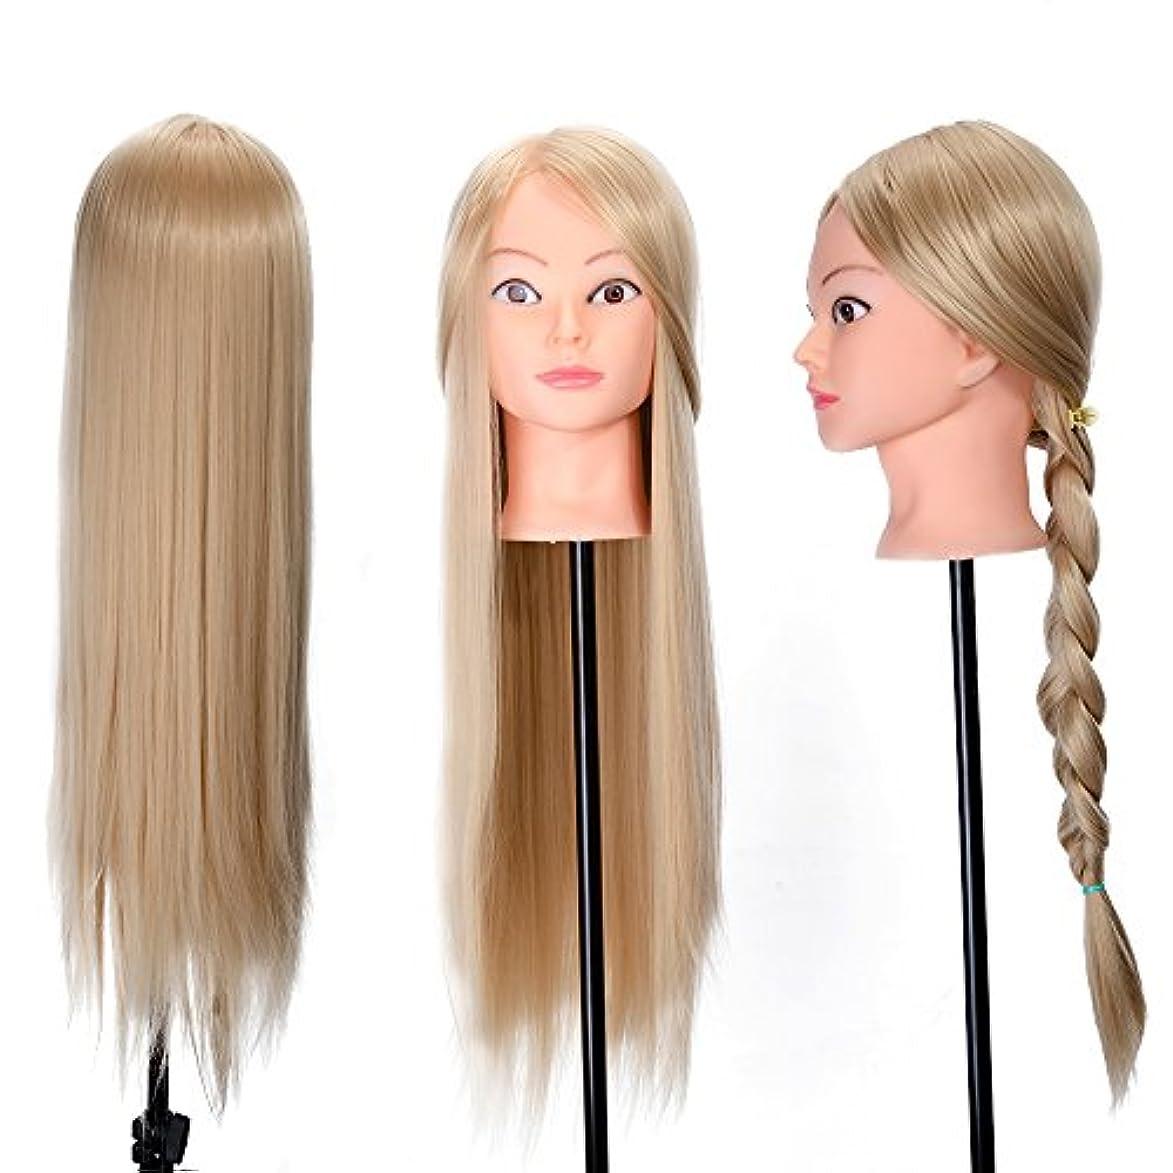 検証抑圧規範26インチトレーニングヘッドヘア編組モデルヘアスタイル人形でテーブルクランプサロンスタイリングデザインマネキンダミーヘッド